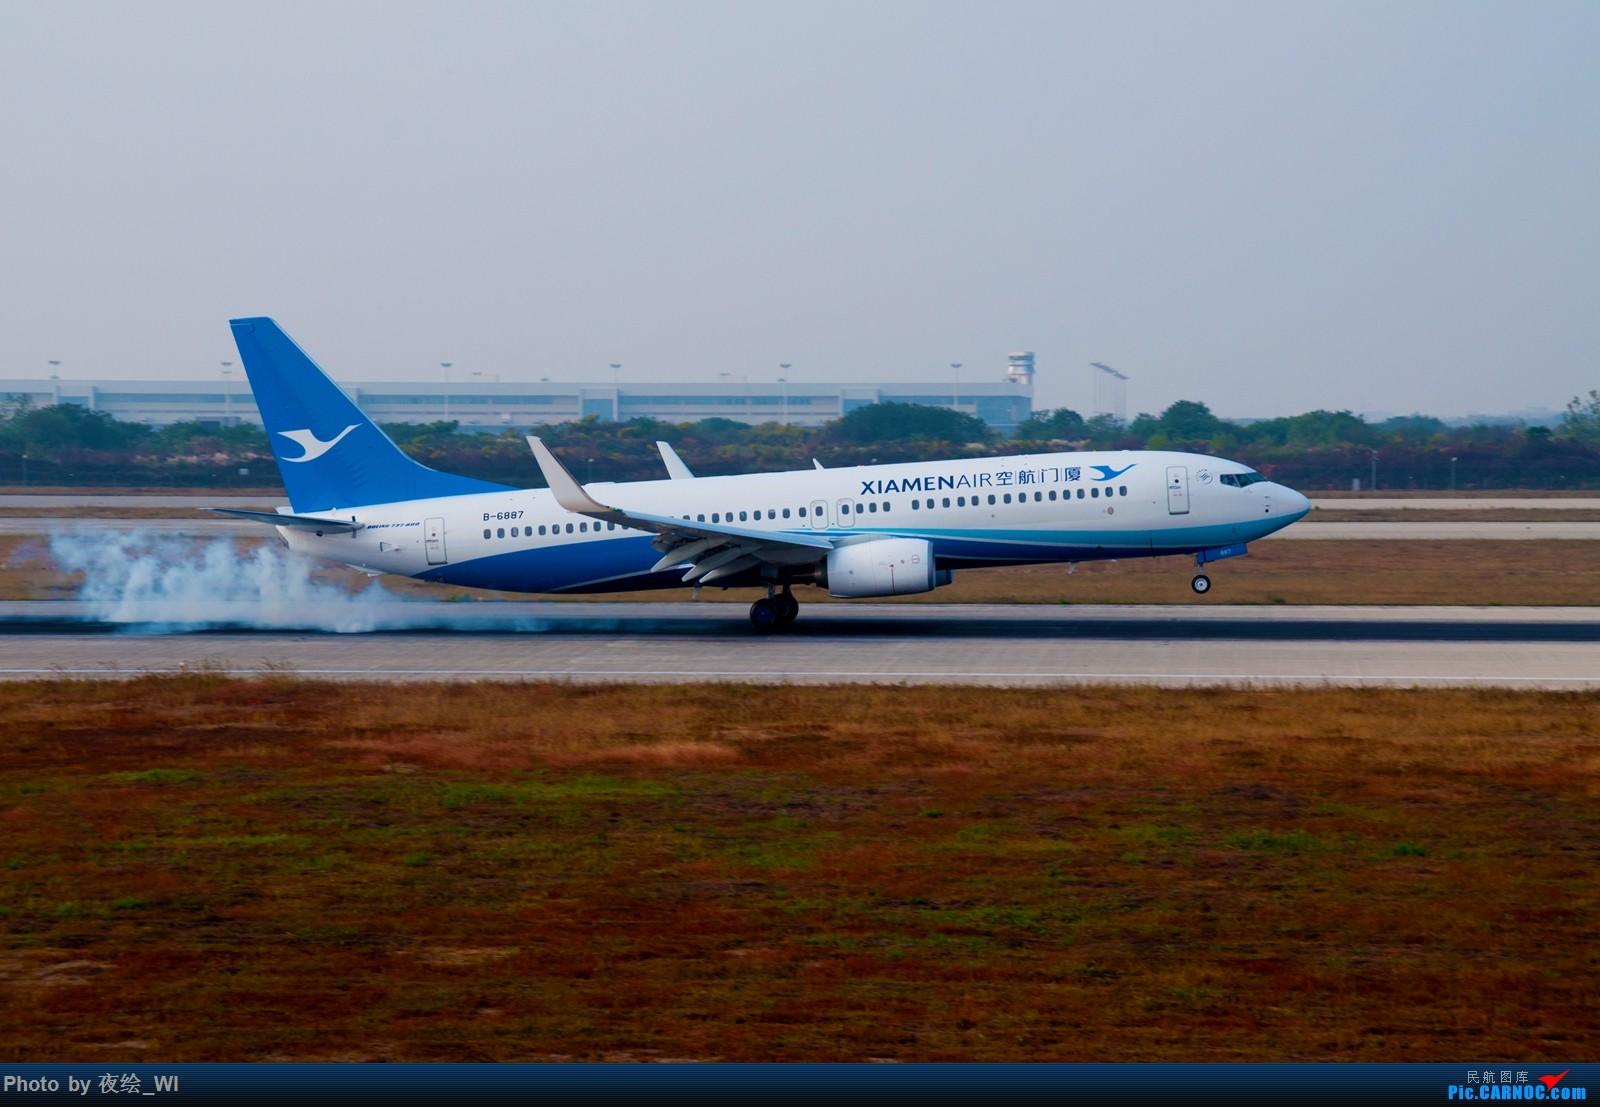 Re:[原创]【NKG】生日第二天就去拍机,日常练手+练后期,今天是胶片味 BOEING 737-800 B-6887 中国南京禄口国际机场